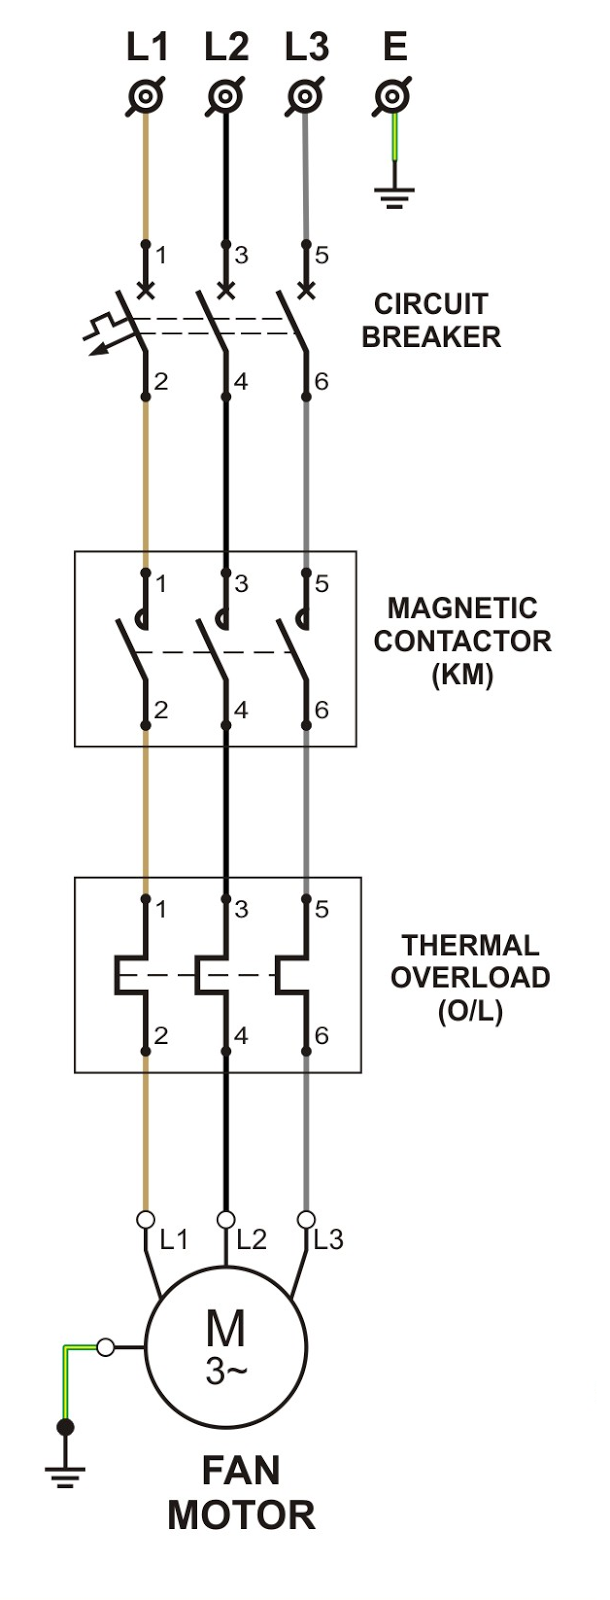 power circuit of dol starter [ 610 x 1600 Pixel ]